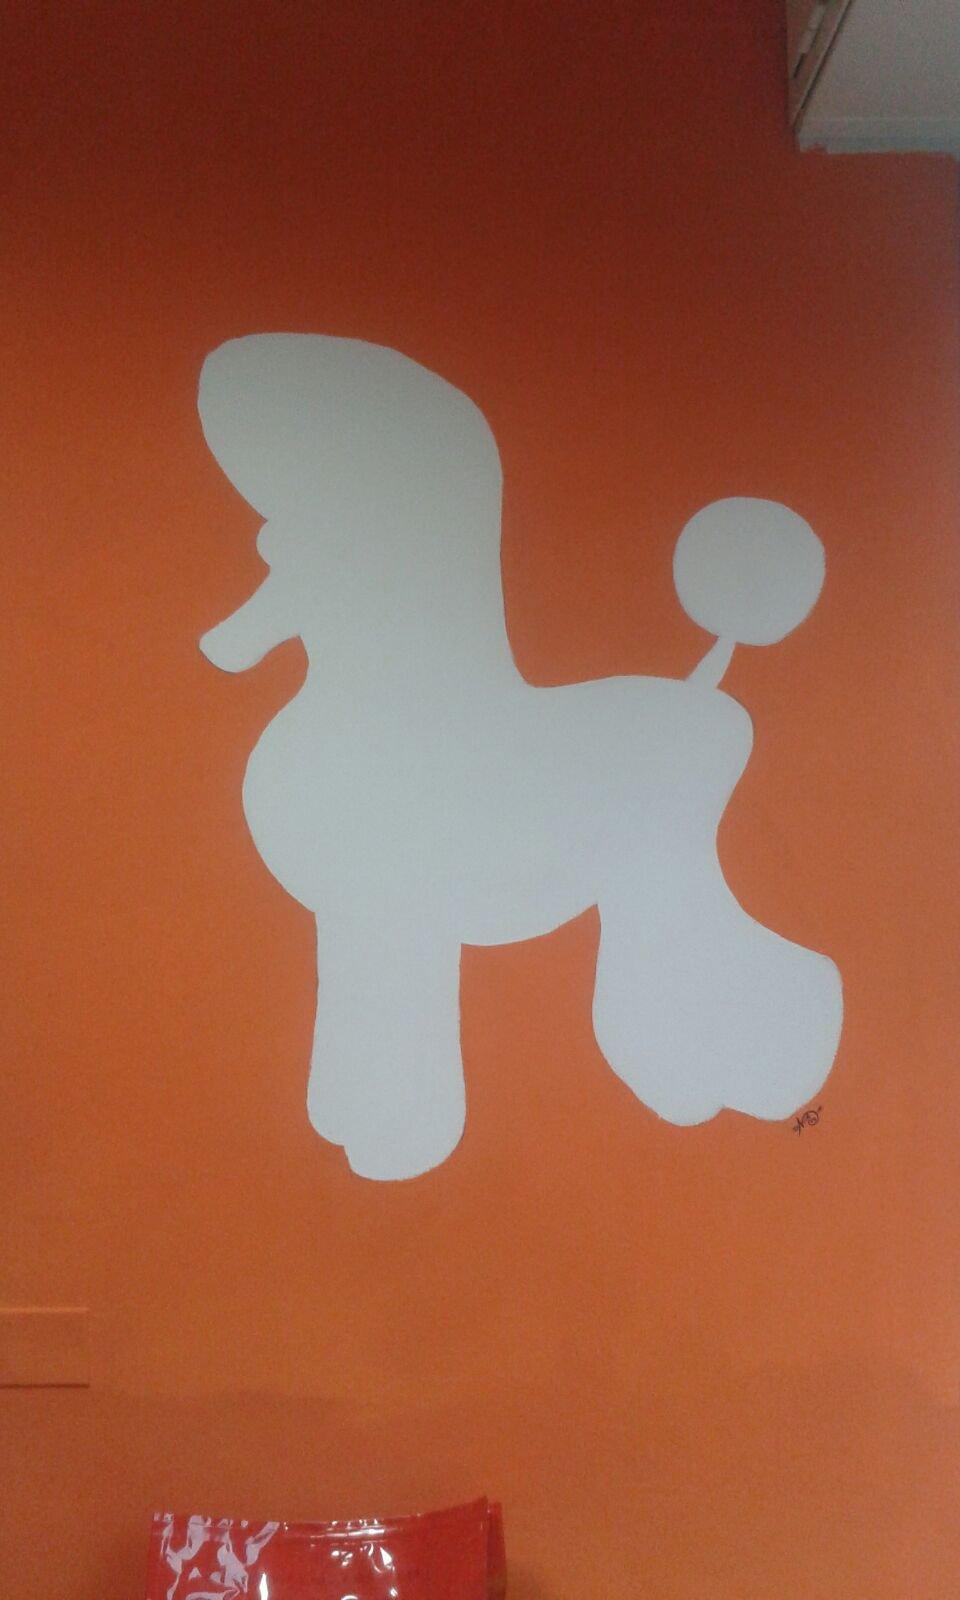 un muro dipinto in arancione e un'immagine raffigurante un cane barboncino